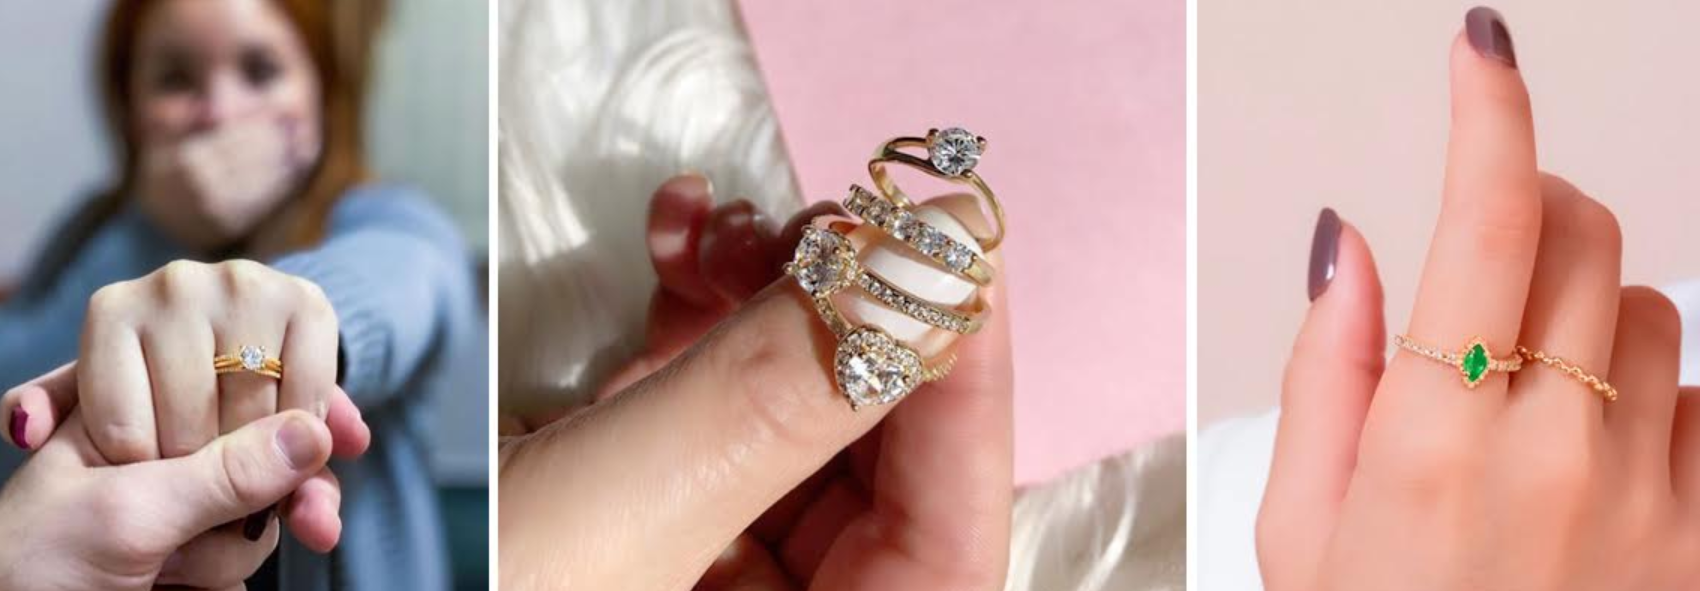 três imagens de mãos com anéis solitário cravejados de jóias